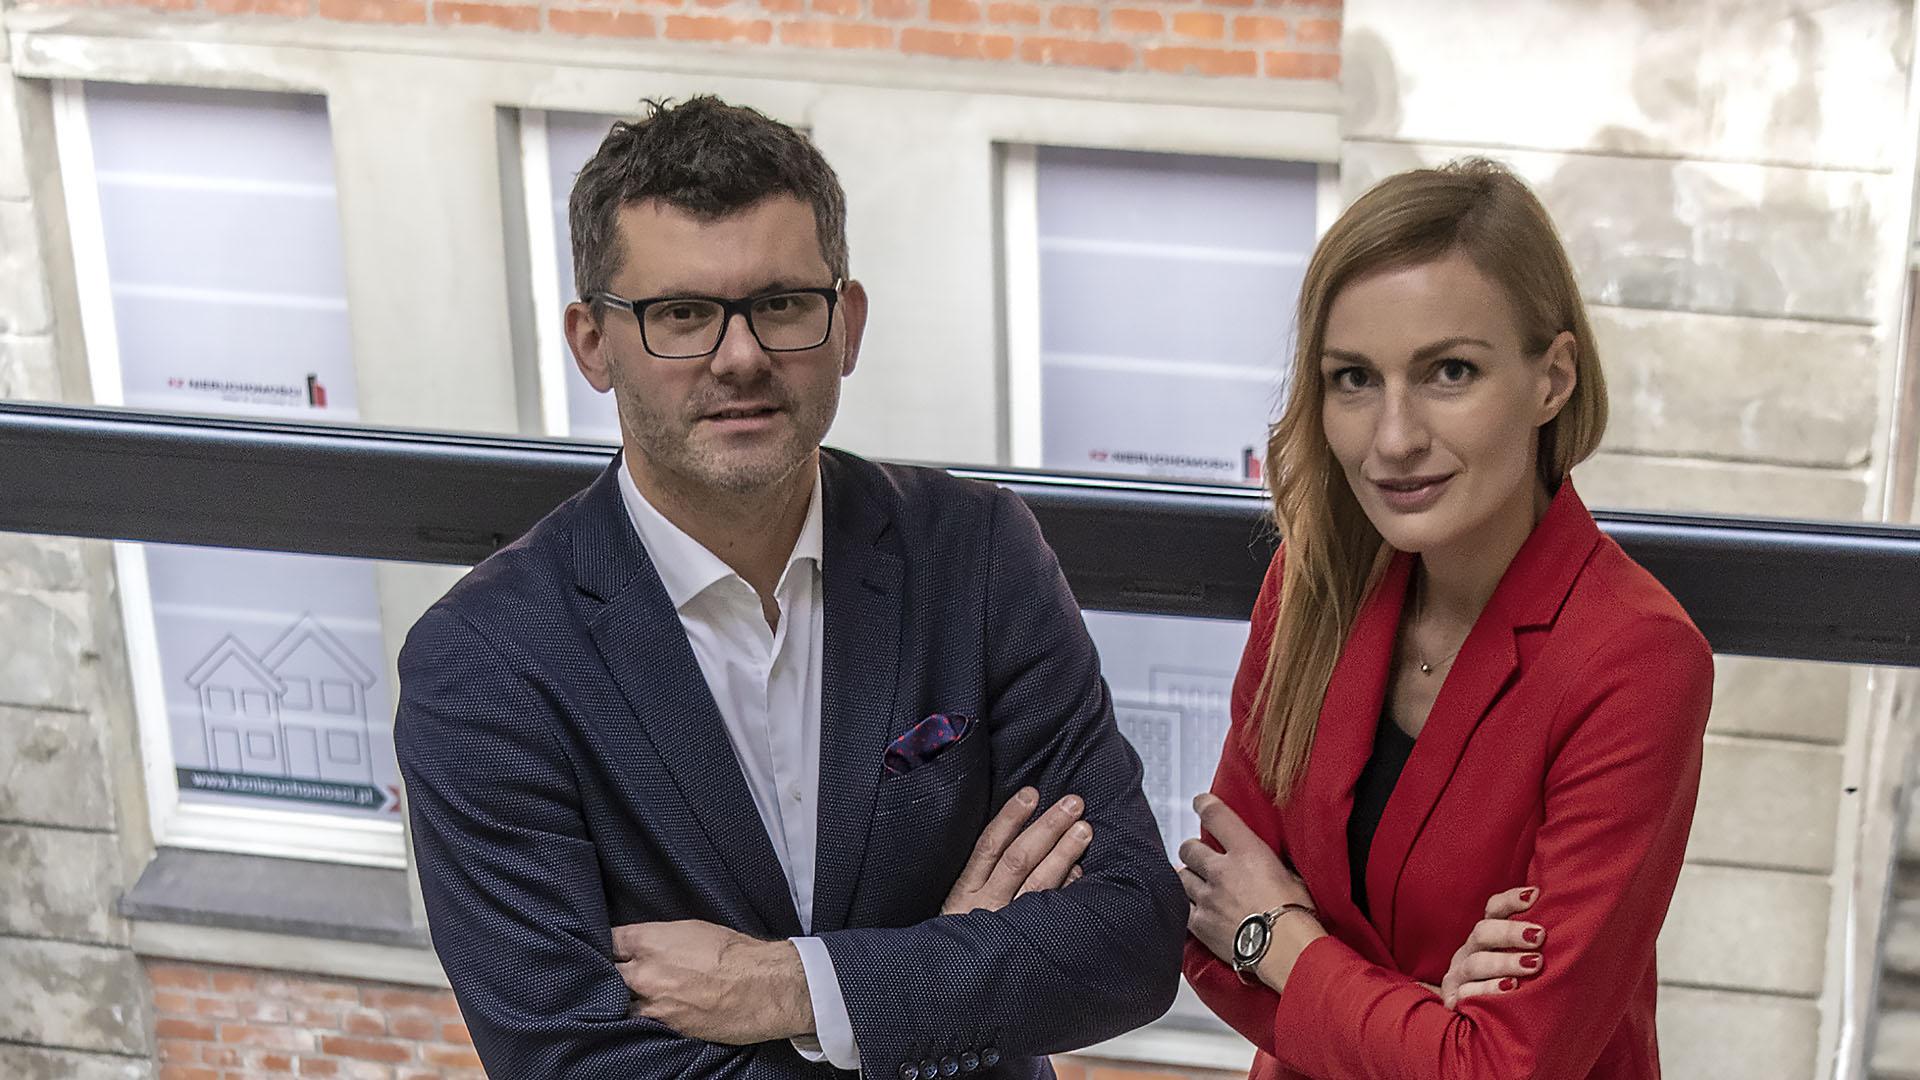 Wspólnicy KZ Nieruchomości: Marcin Zamojda i Magdalena Kittel. Fot. Marcin Maziarz